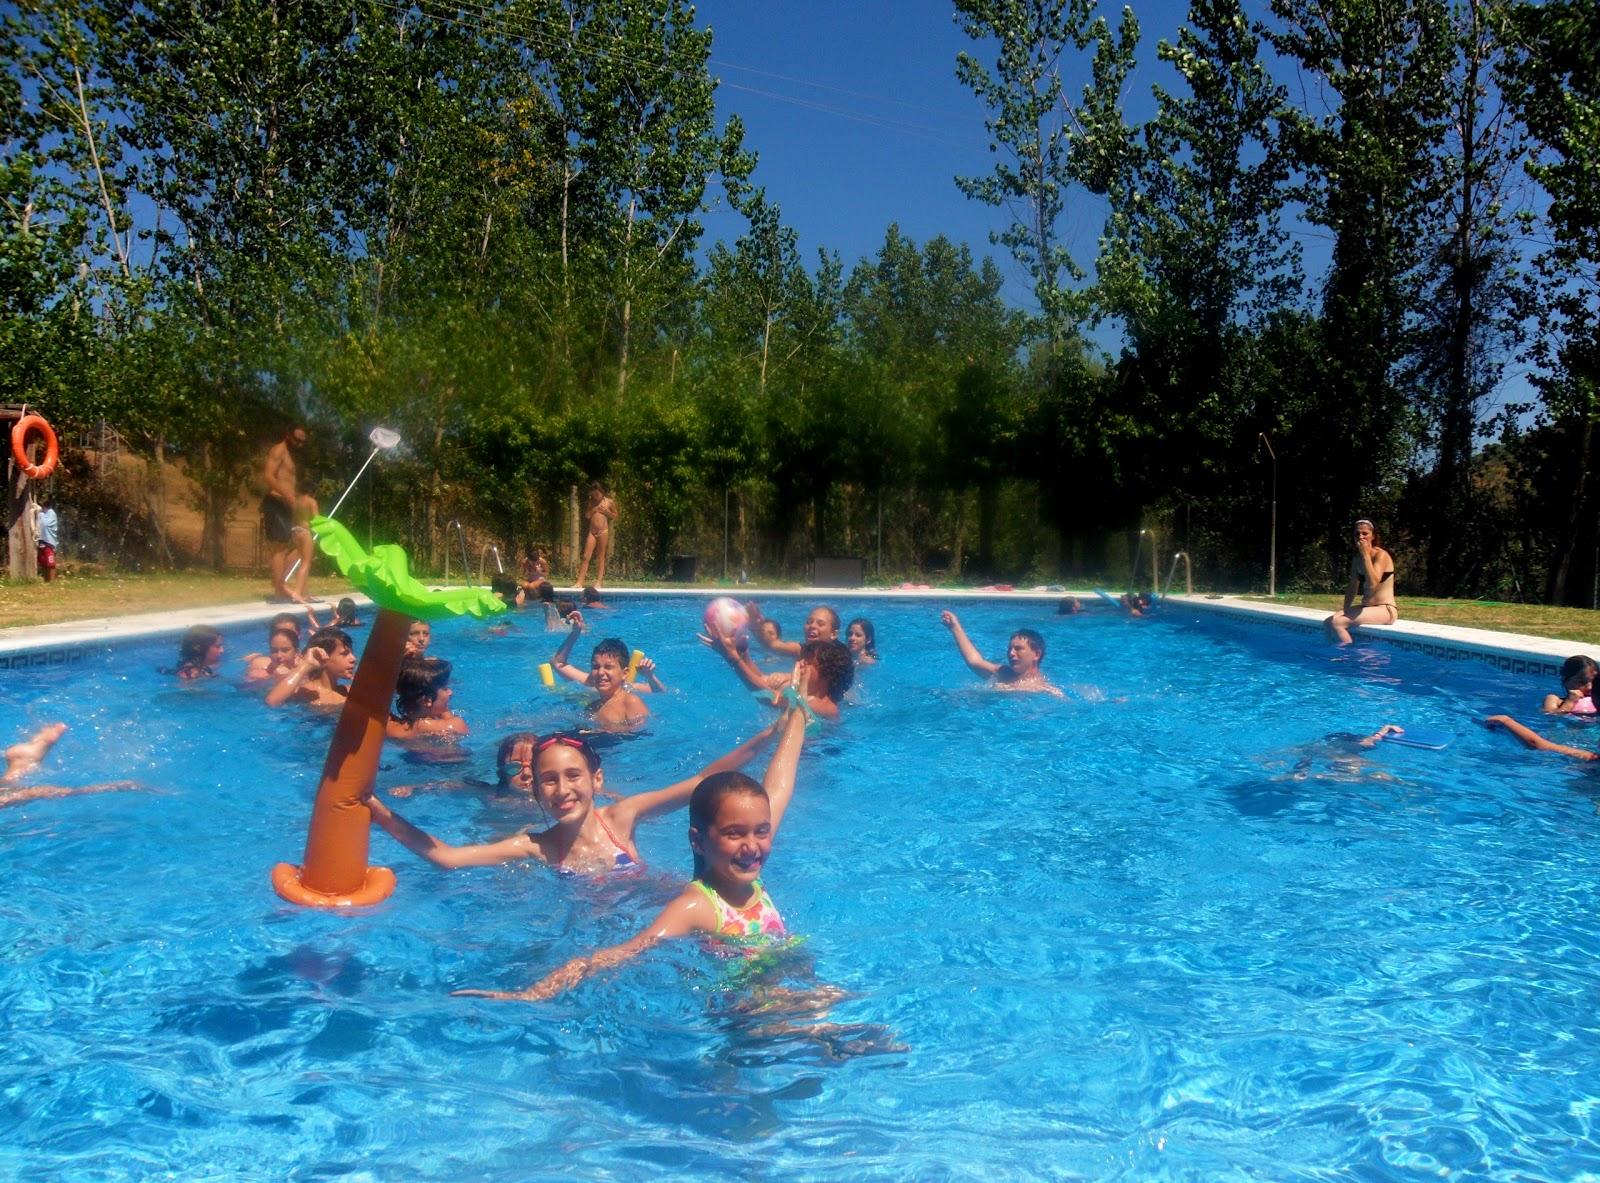 Centro de naturaleza el remolino disfrutando de la piscina for En la piscina